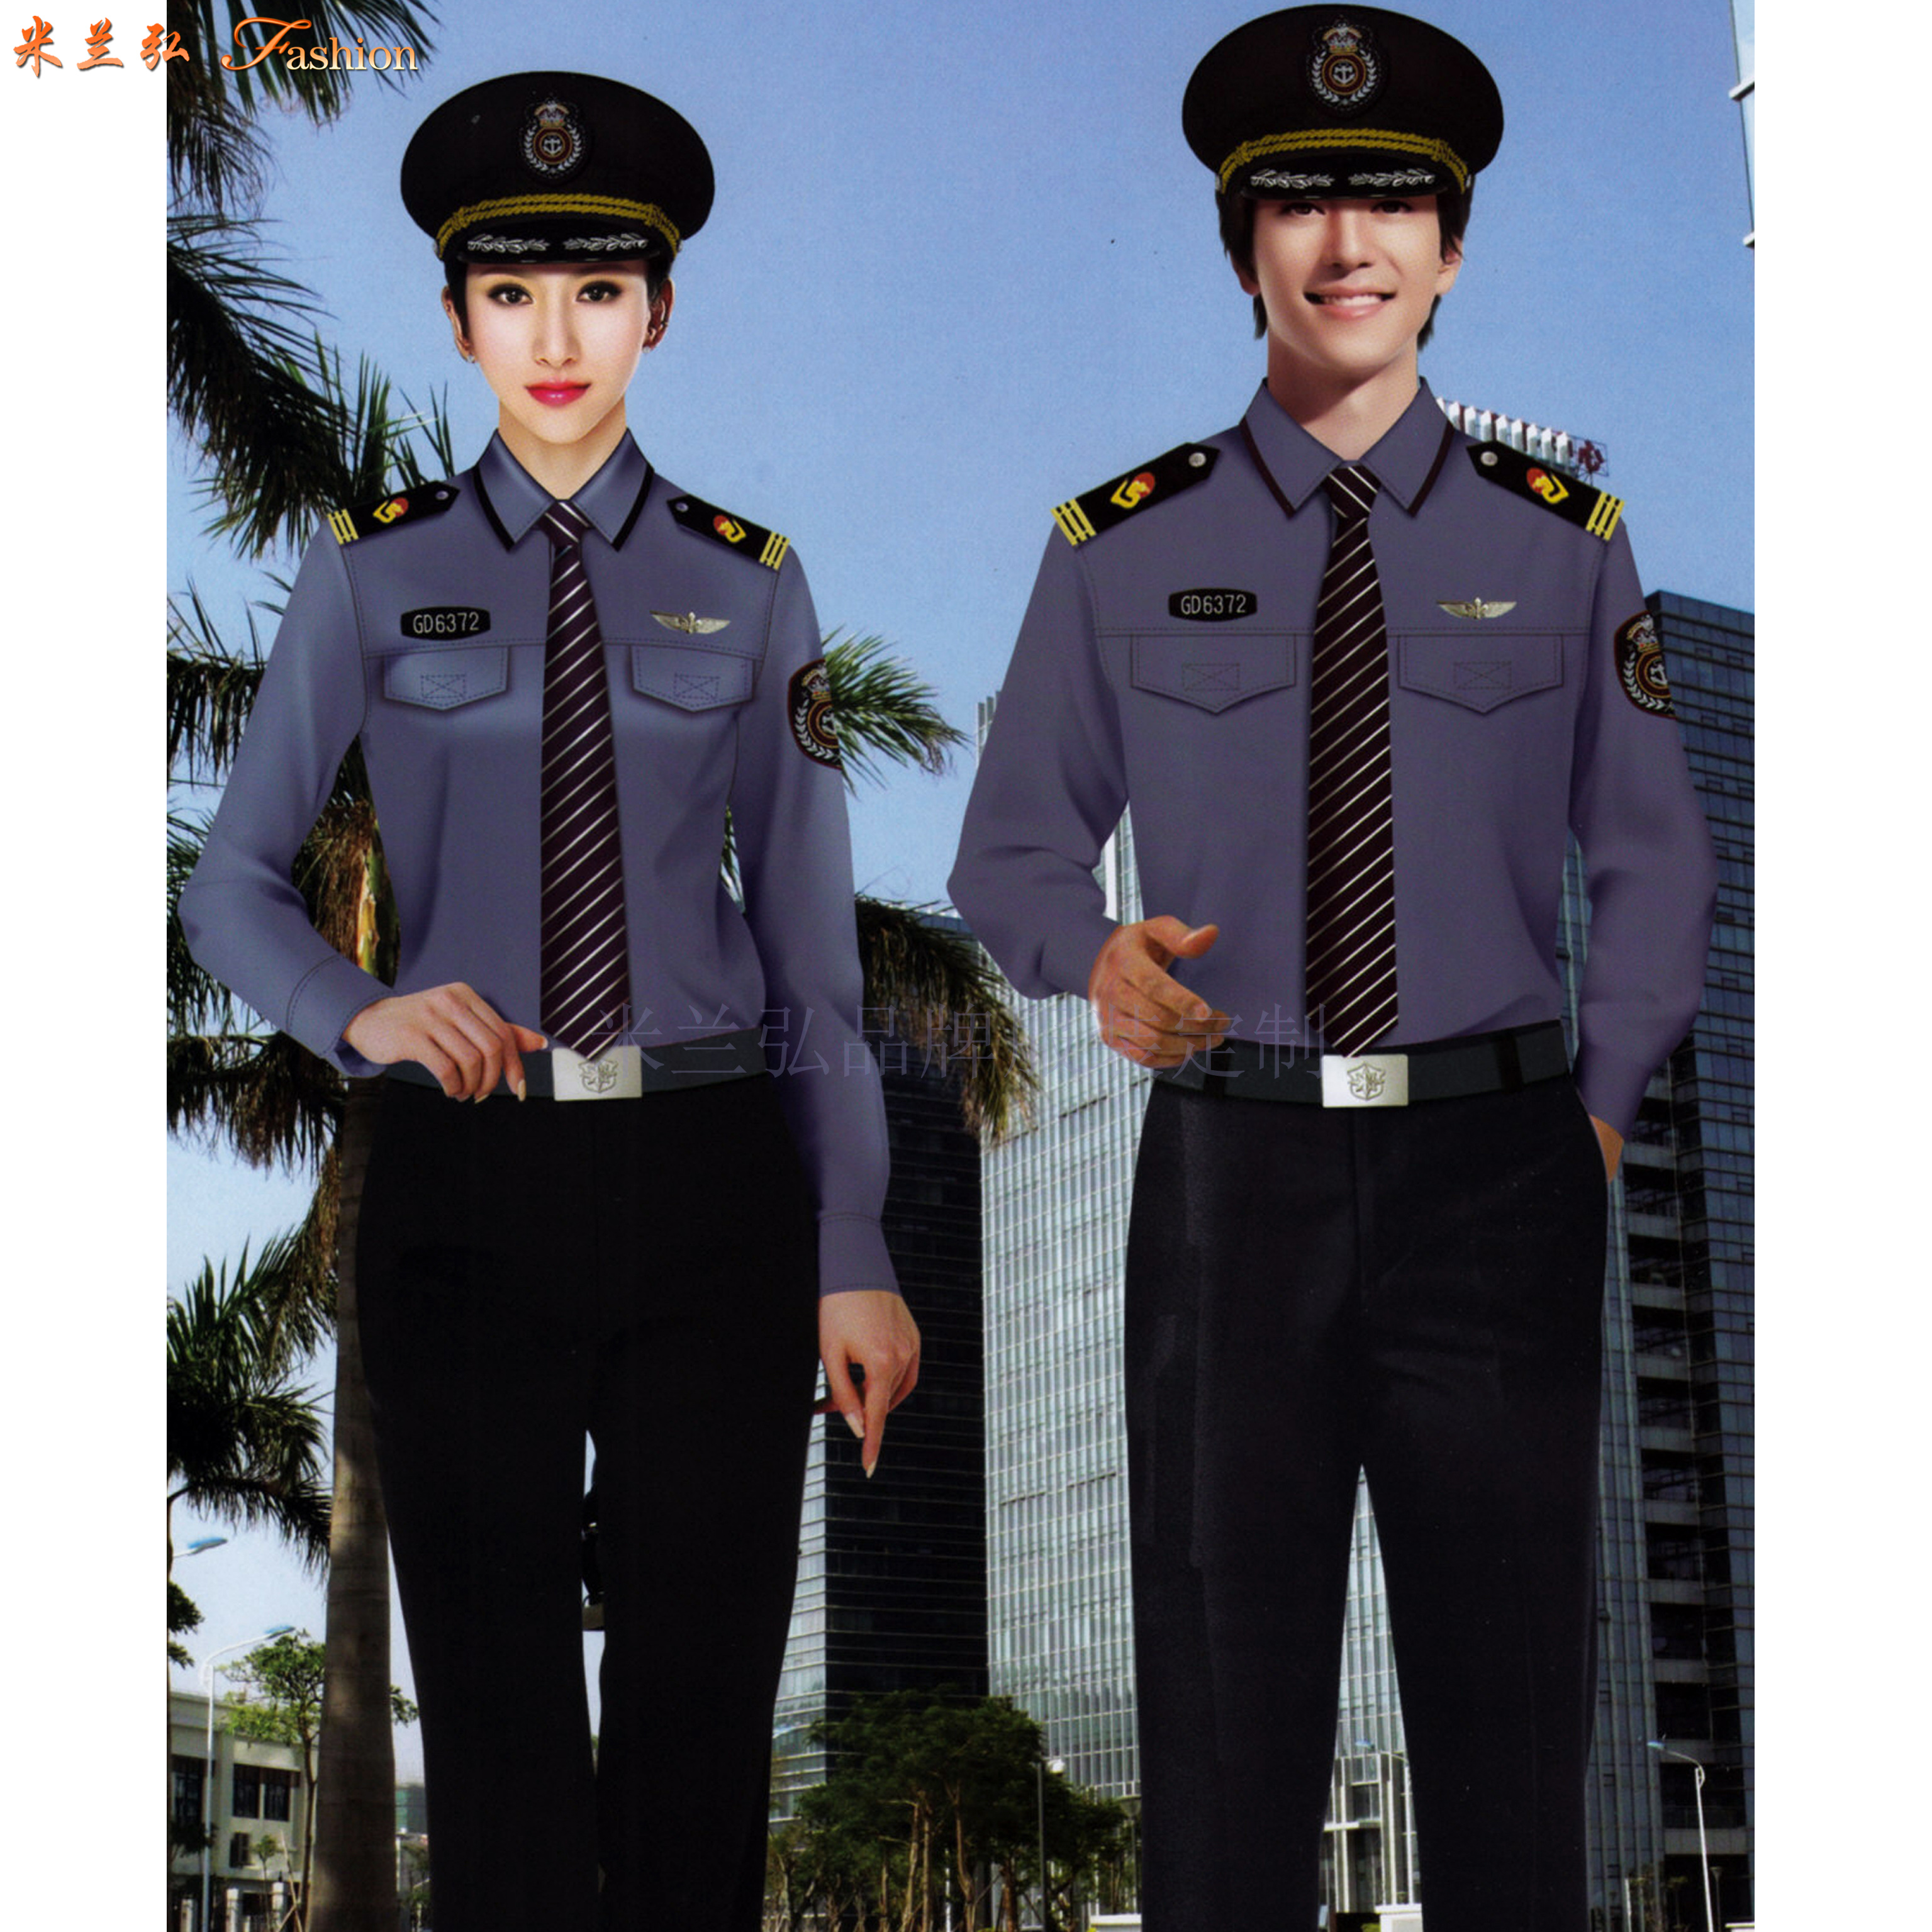 物業保安工作服訂做-物業安保部制服定做-米蘭弘廠家-4